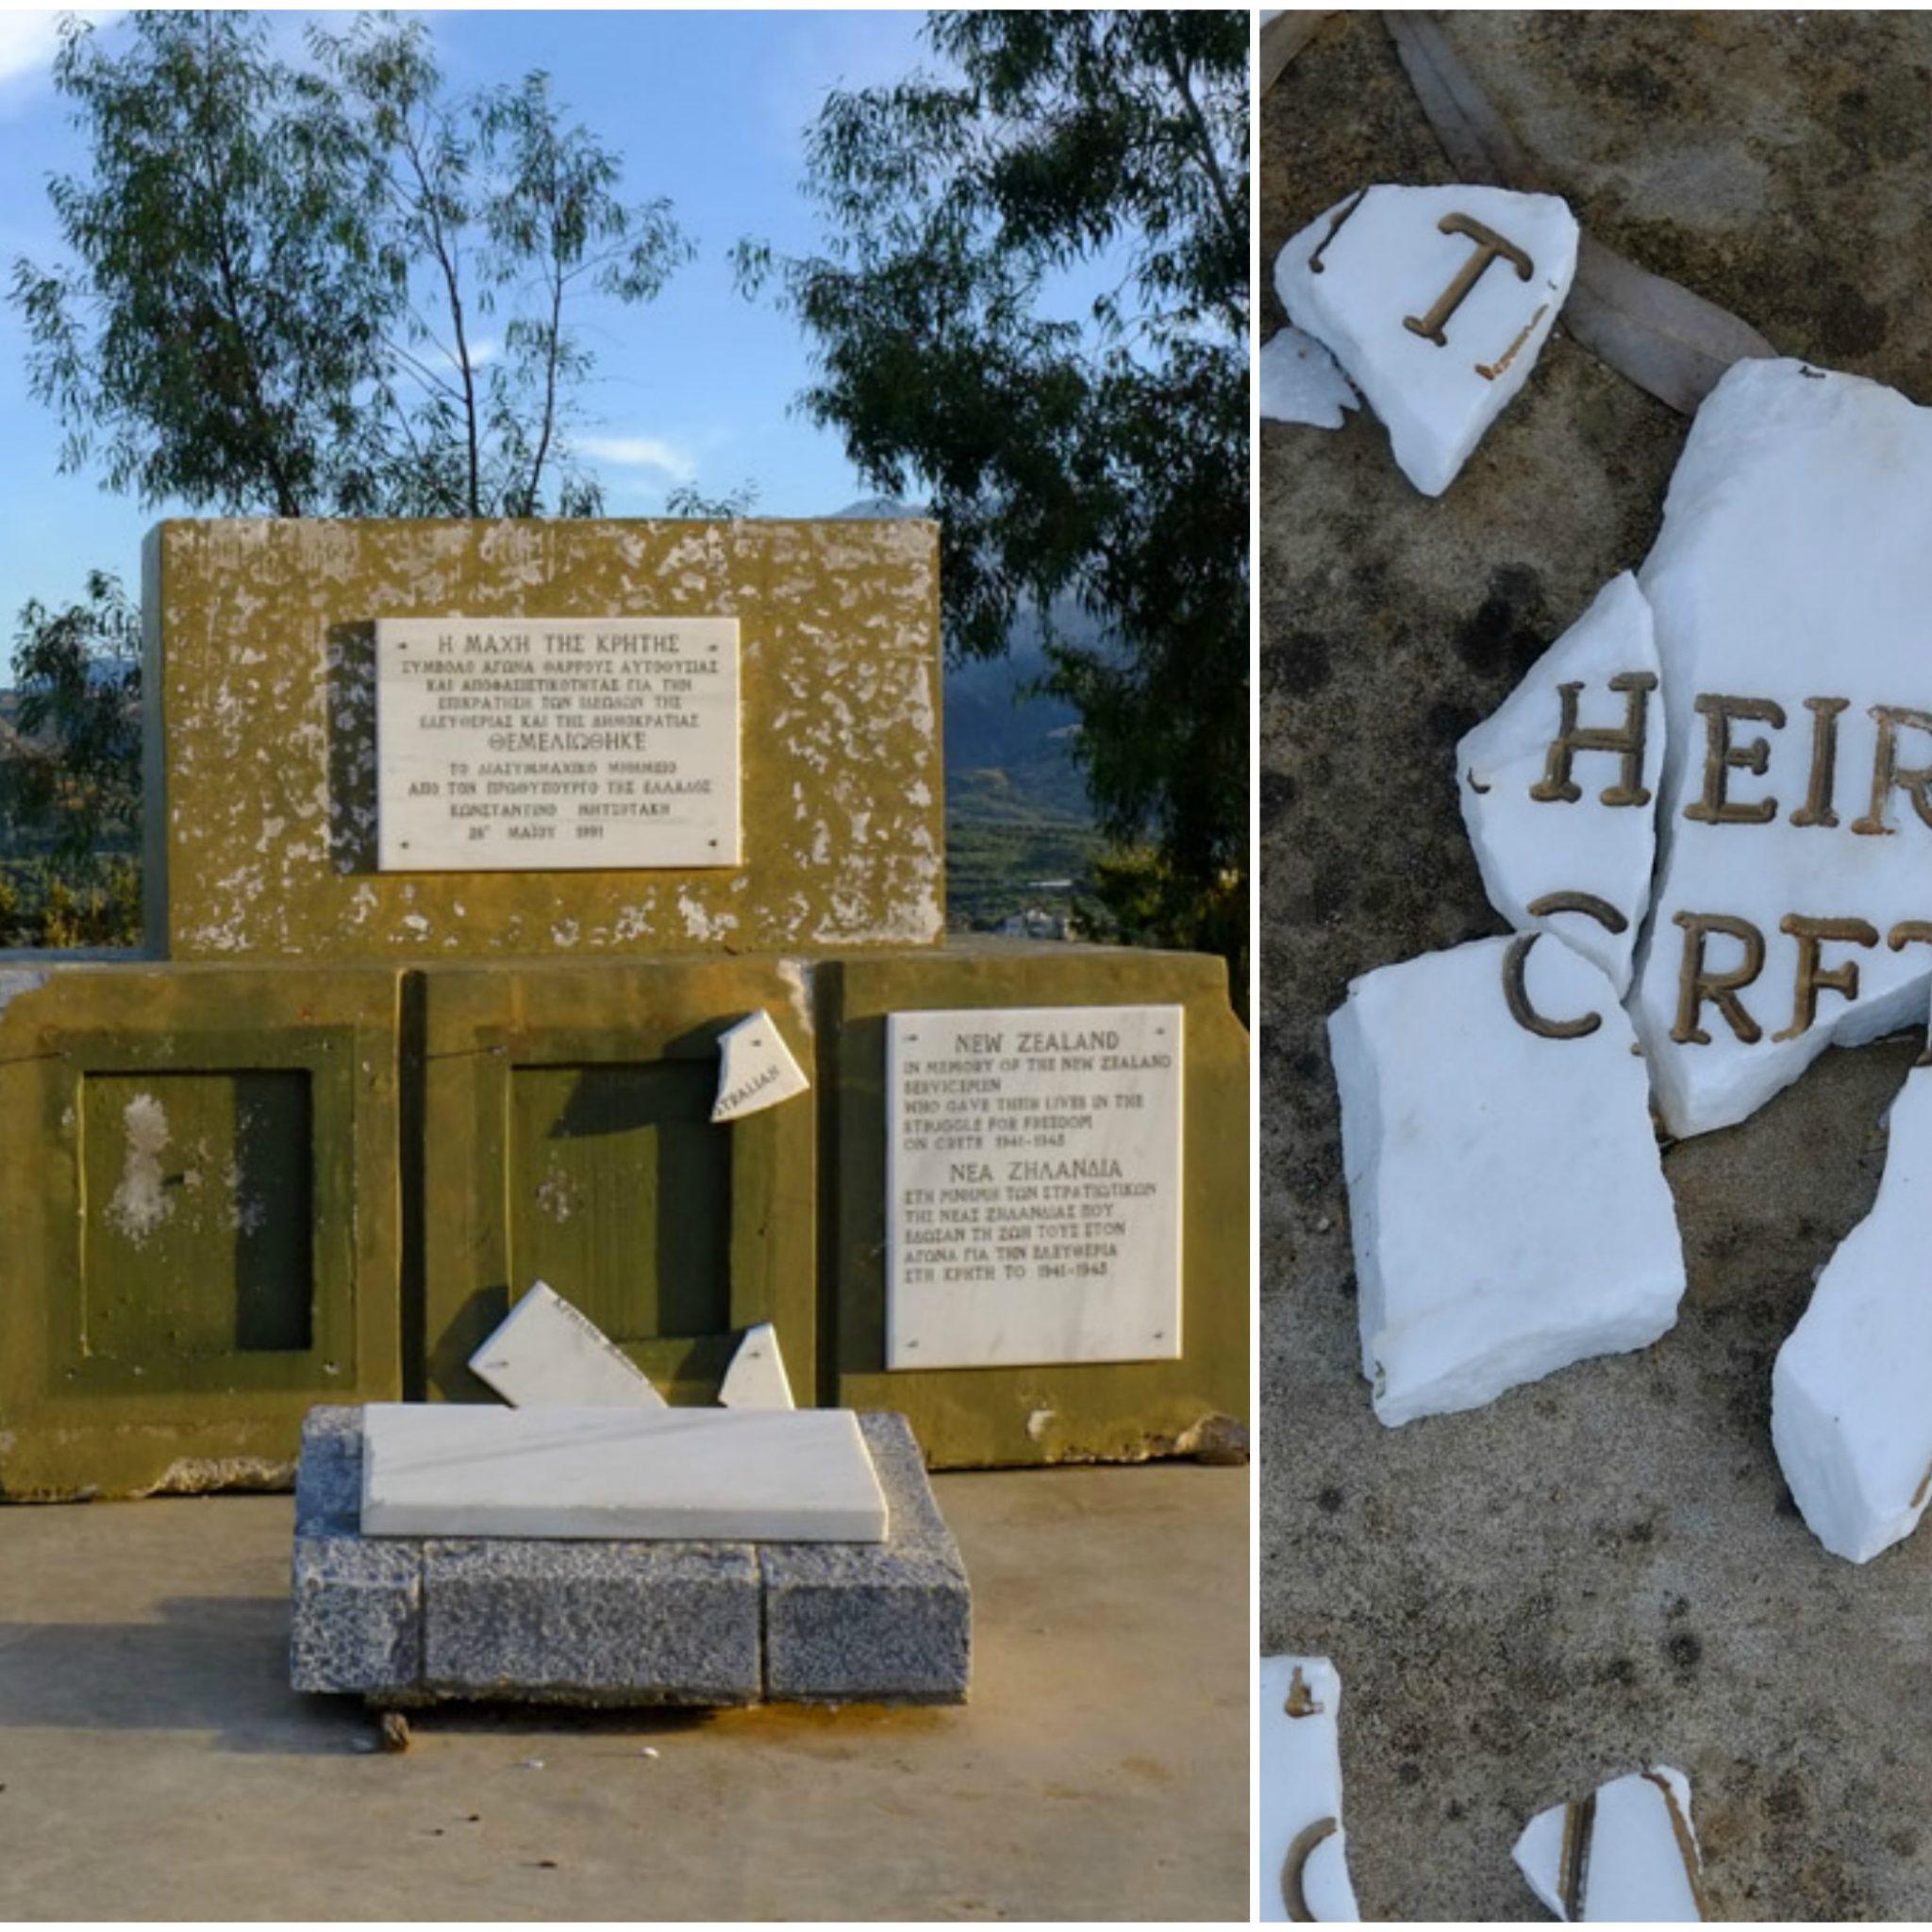 80 χρόνια από τη Μάχη της Κρήτης, το μνημείο που θα ενώνε τους λαούς, έγινε μνημείο εγκατάλειψης που σηματοδοτεί το θάνατο της μνήμης | Φωτός